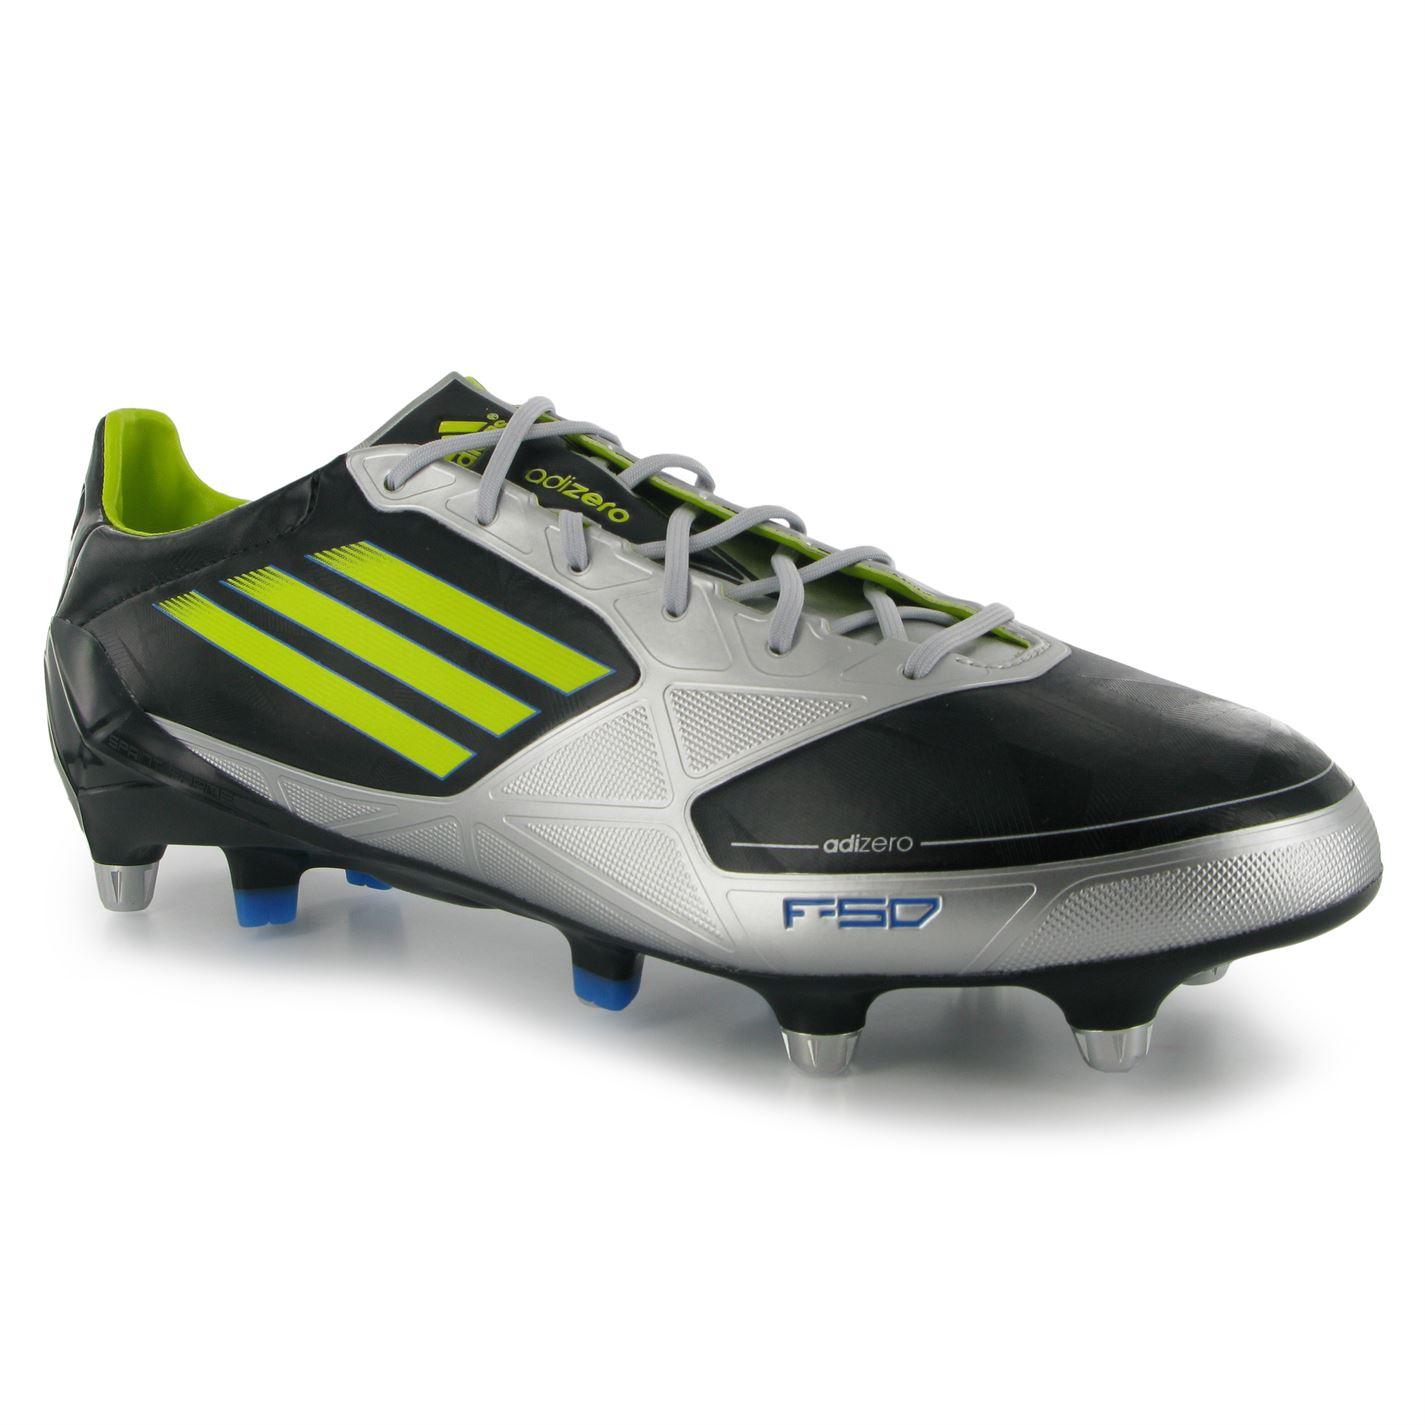 Adidas F30 en F50 voetbalschoenen vanaf € 11,39  @ SportsDirect